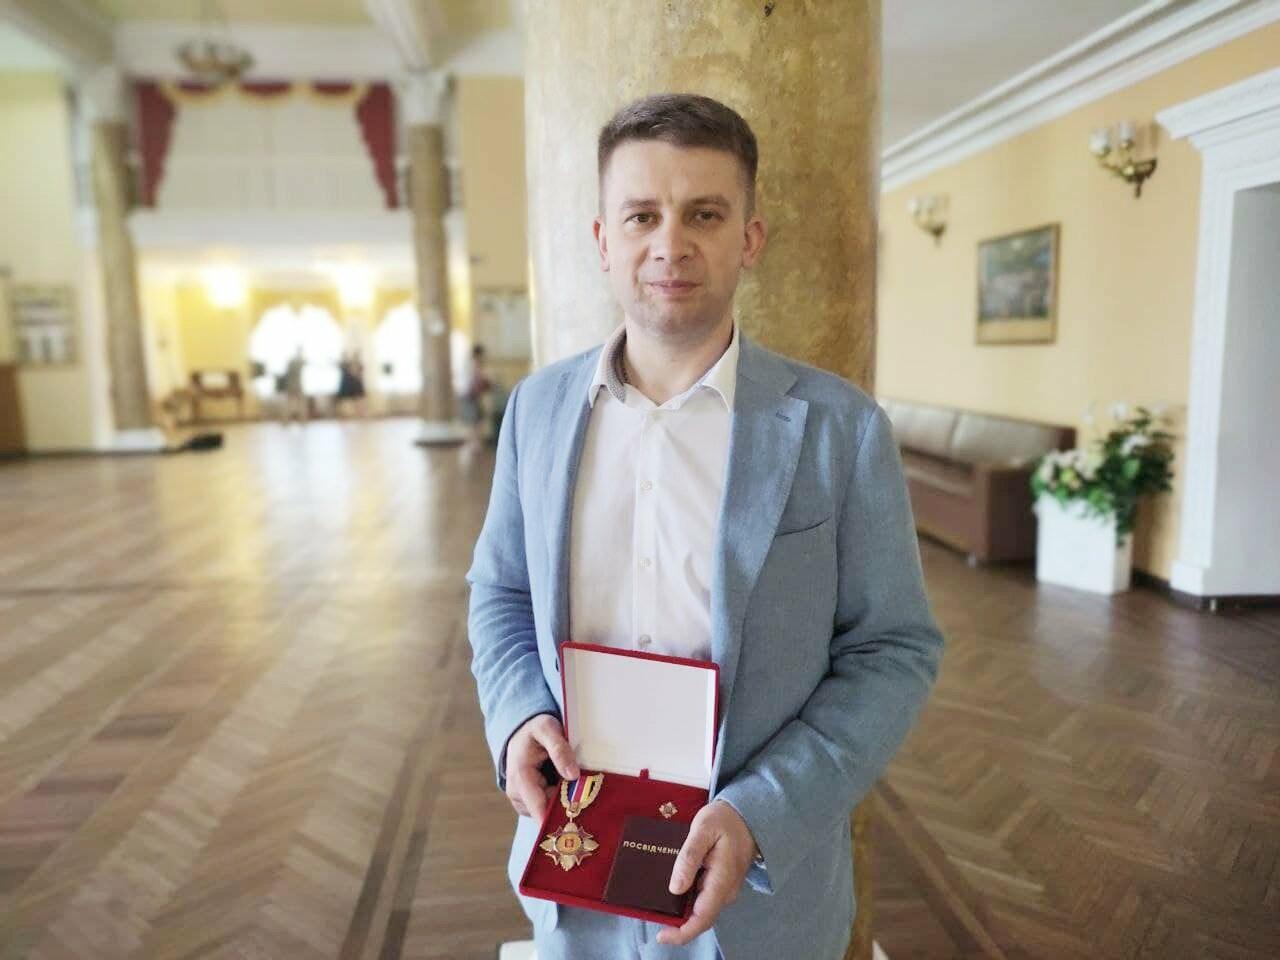 Дмитрий Майстро после награждения